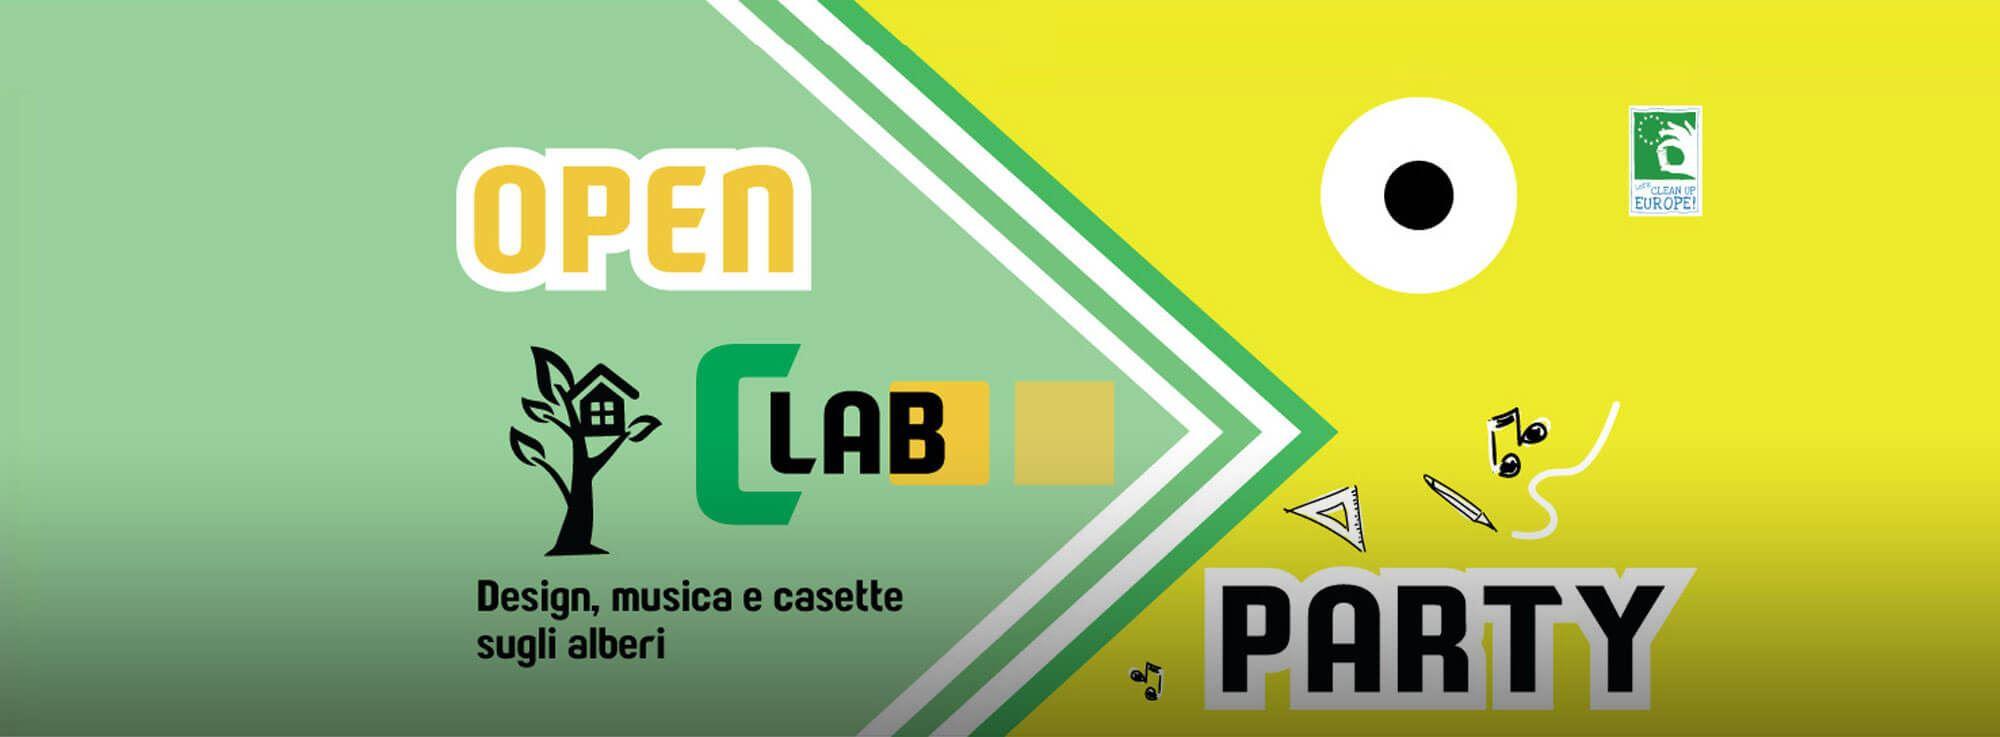 Veglie: Open CLab Party. Design, musica e casette sugli alberi